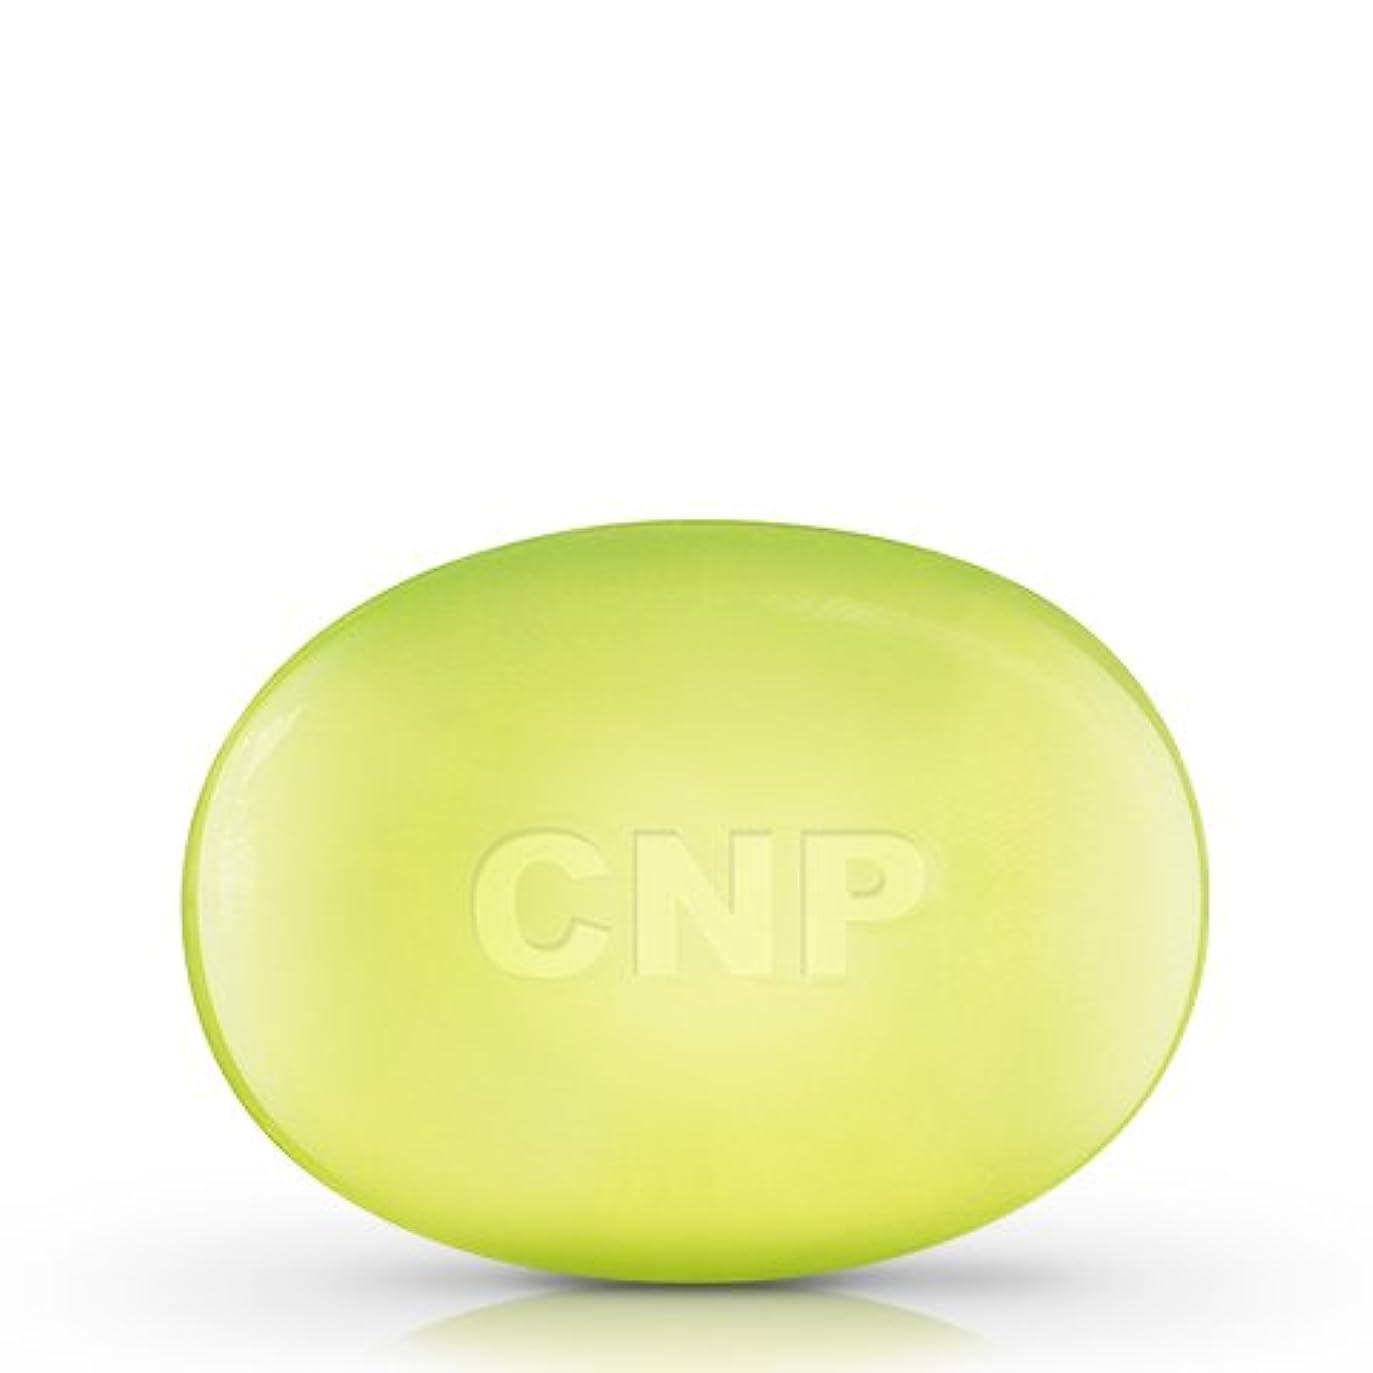 解くハウジング仮定するCNP Laboratory 石鹸A/Soap A 100g [並行輸入品]